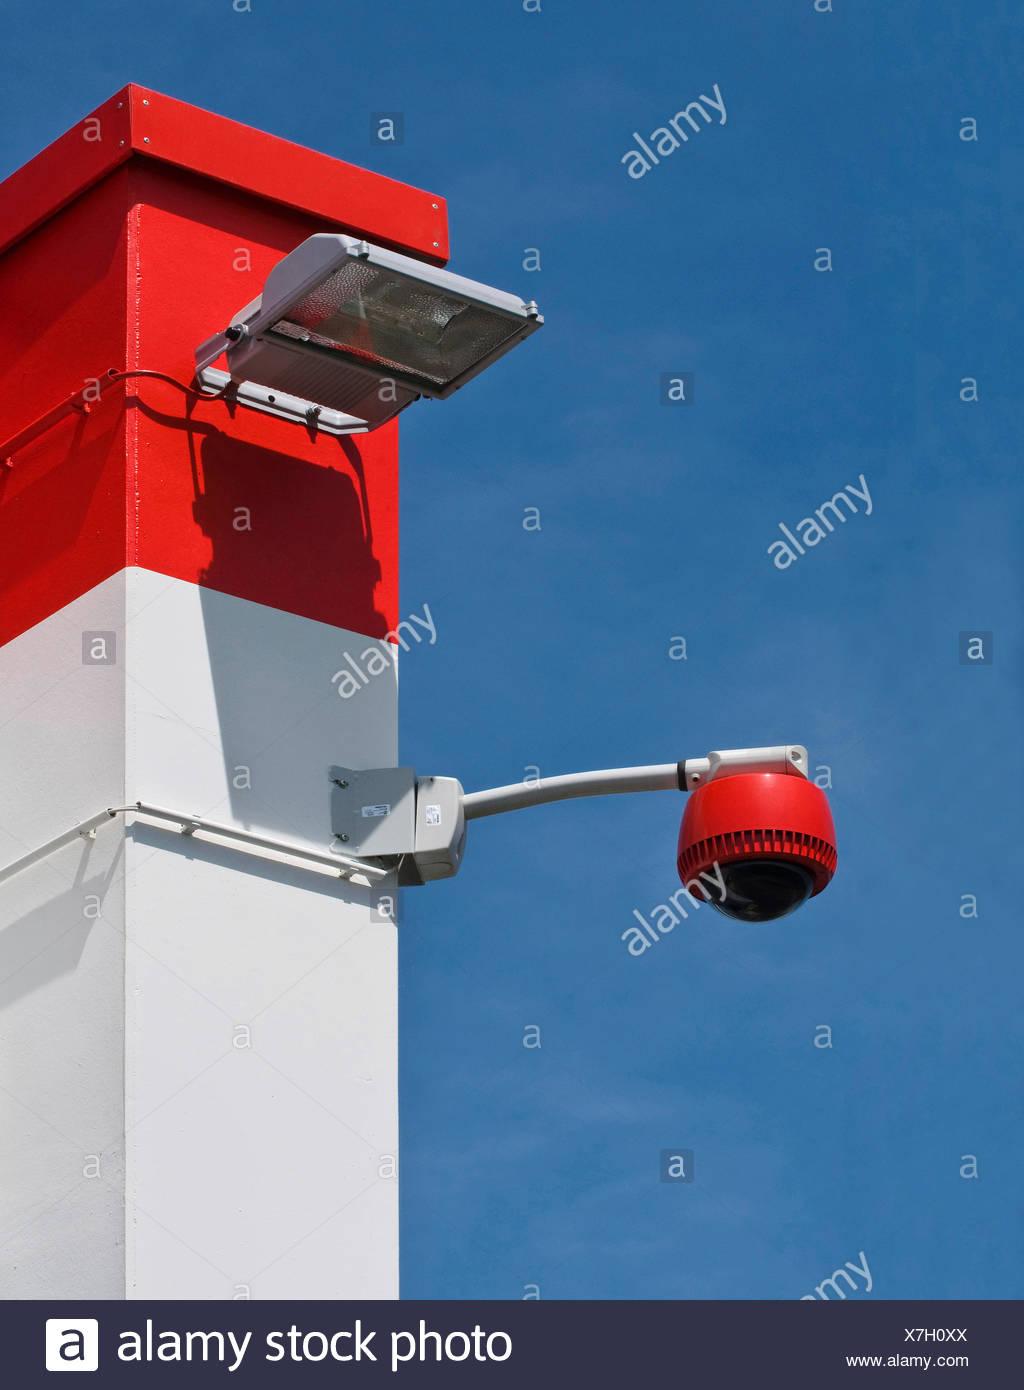 360-Grad-Kamera an Wand gegen blauen Himmel, Überwachung, Sicherheit, PublicGround Stockbild